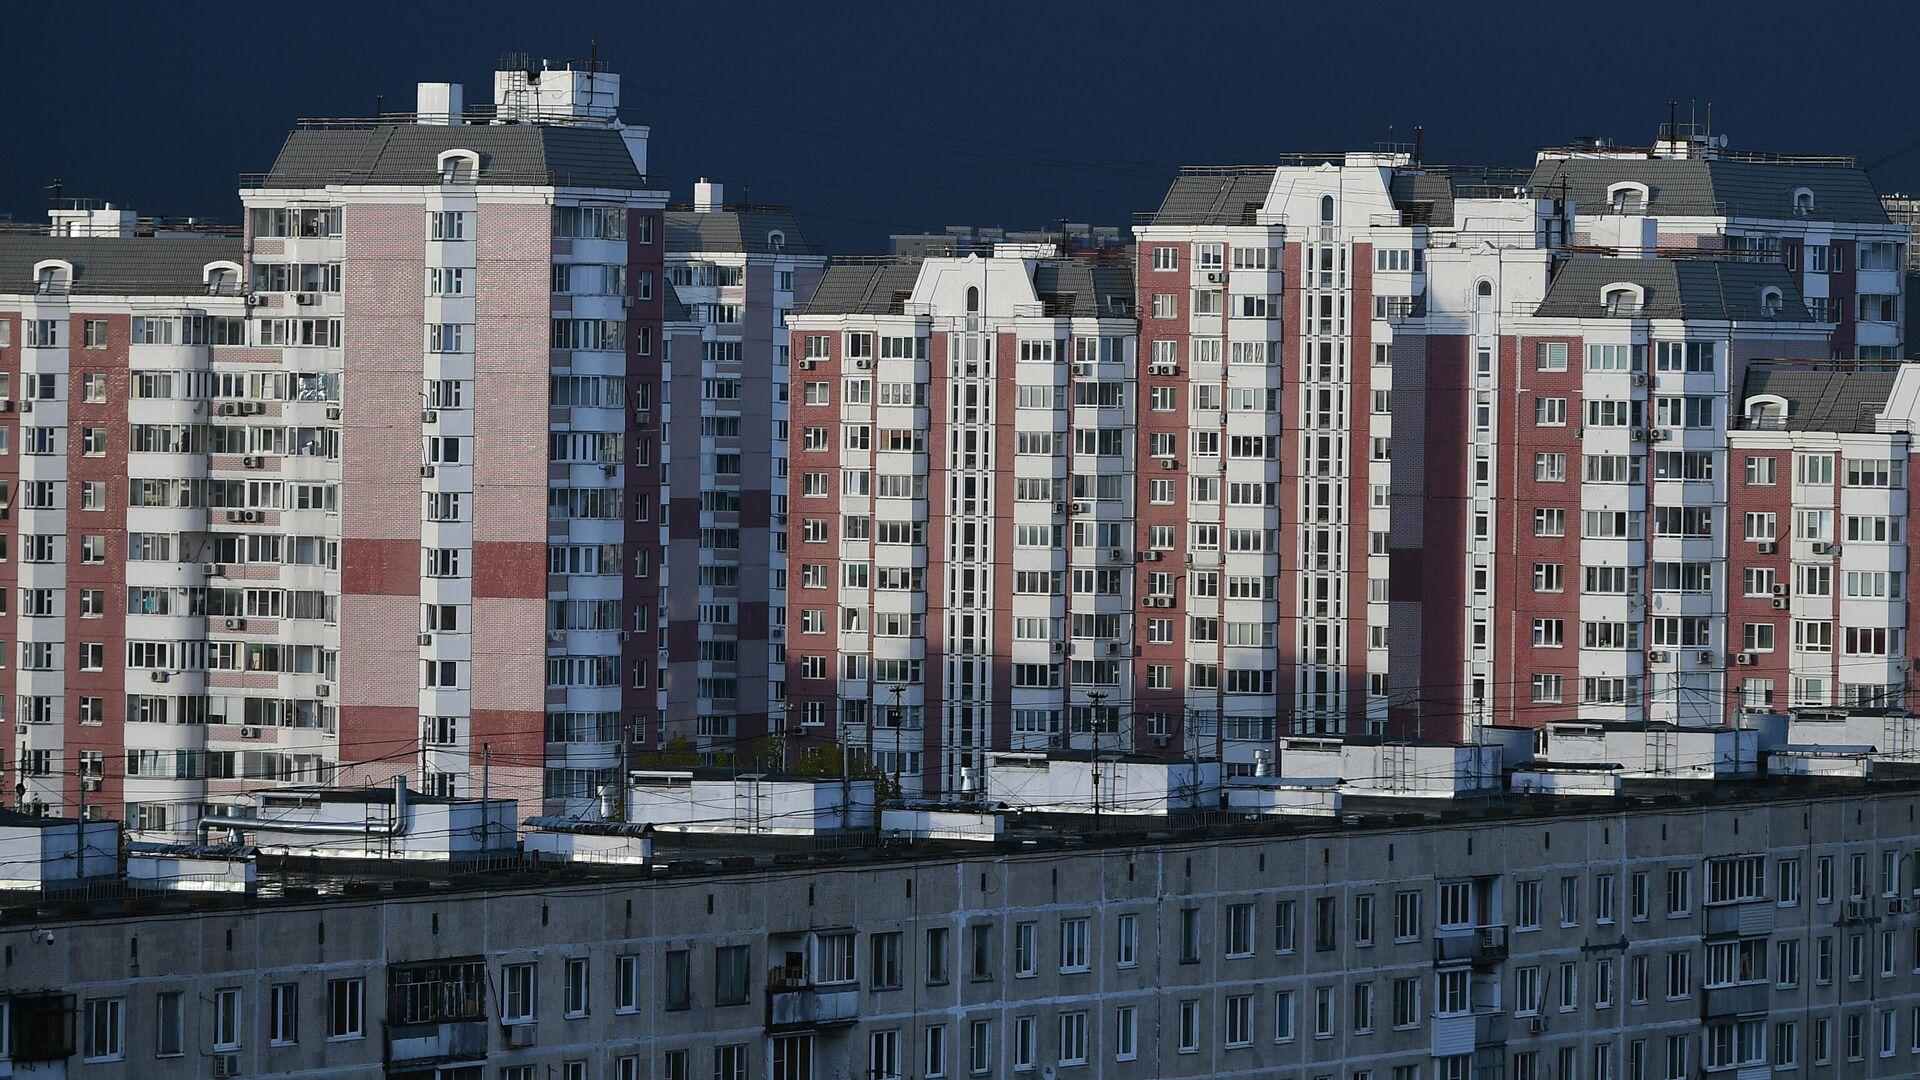 Жилые дома на Химкинском бульваре в Москве - РИА Новости, 1920, 07.04.2021